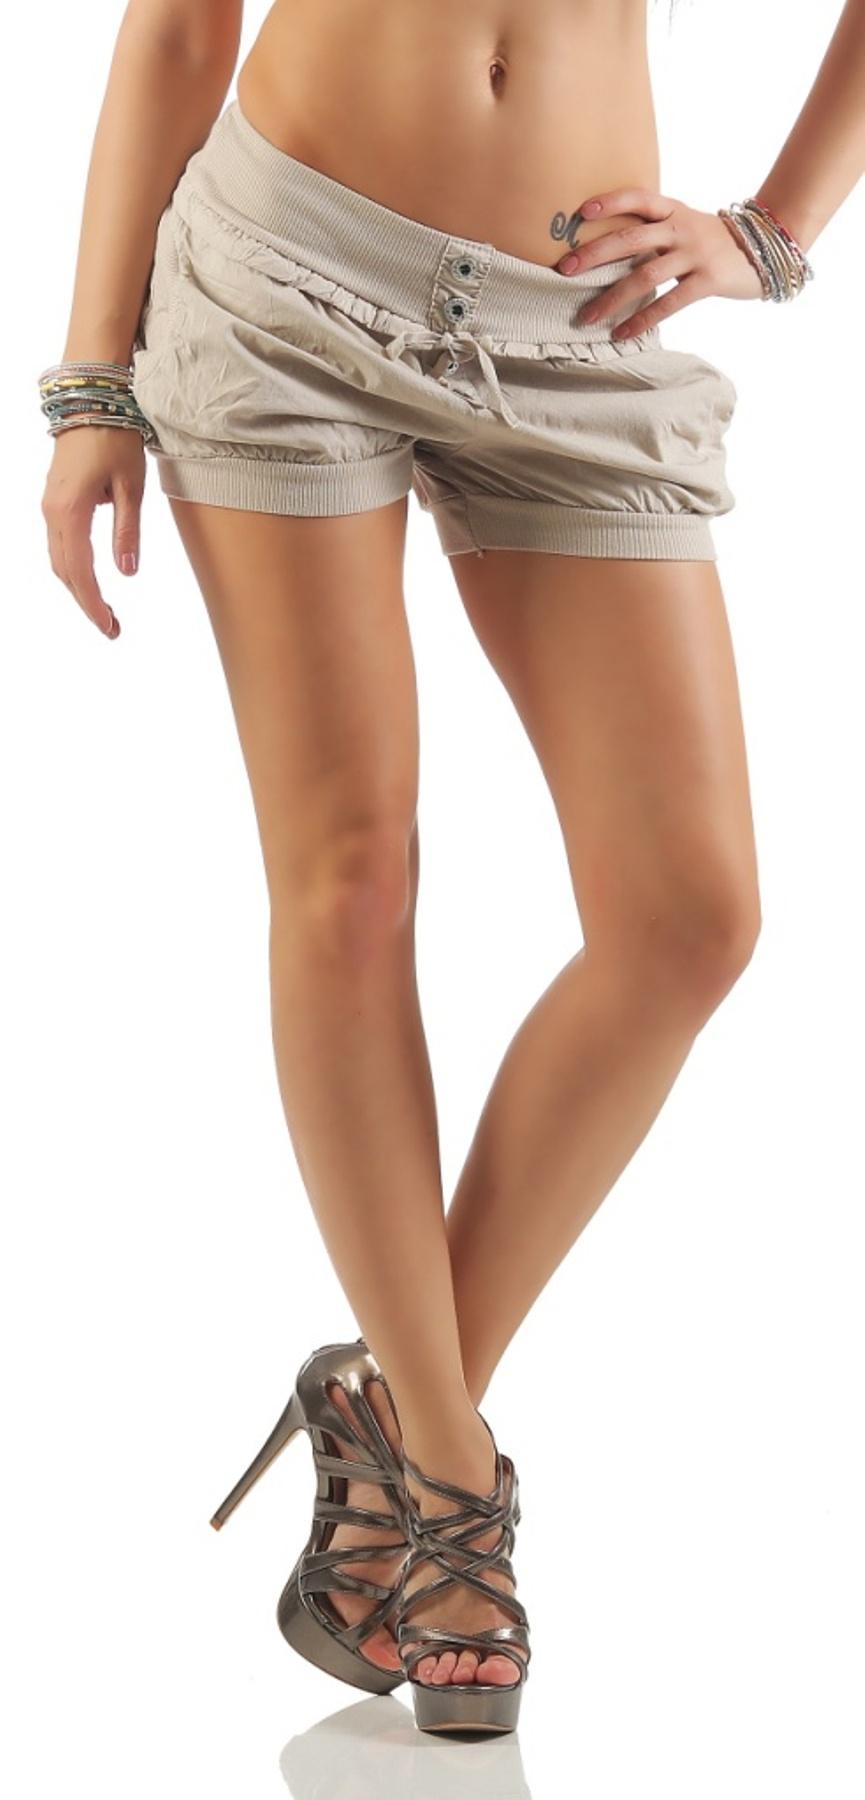 mississhop damen hot pants sommer chino cargo shorts kurze hose hotpants short ebay. Black Bedroom Furniture Sets. Home Design Ideas